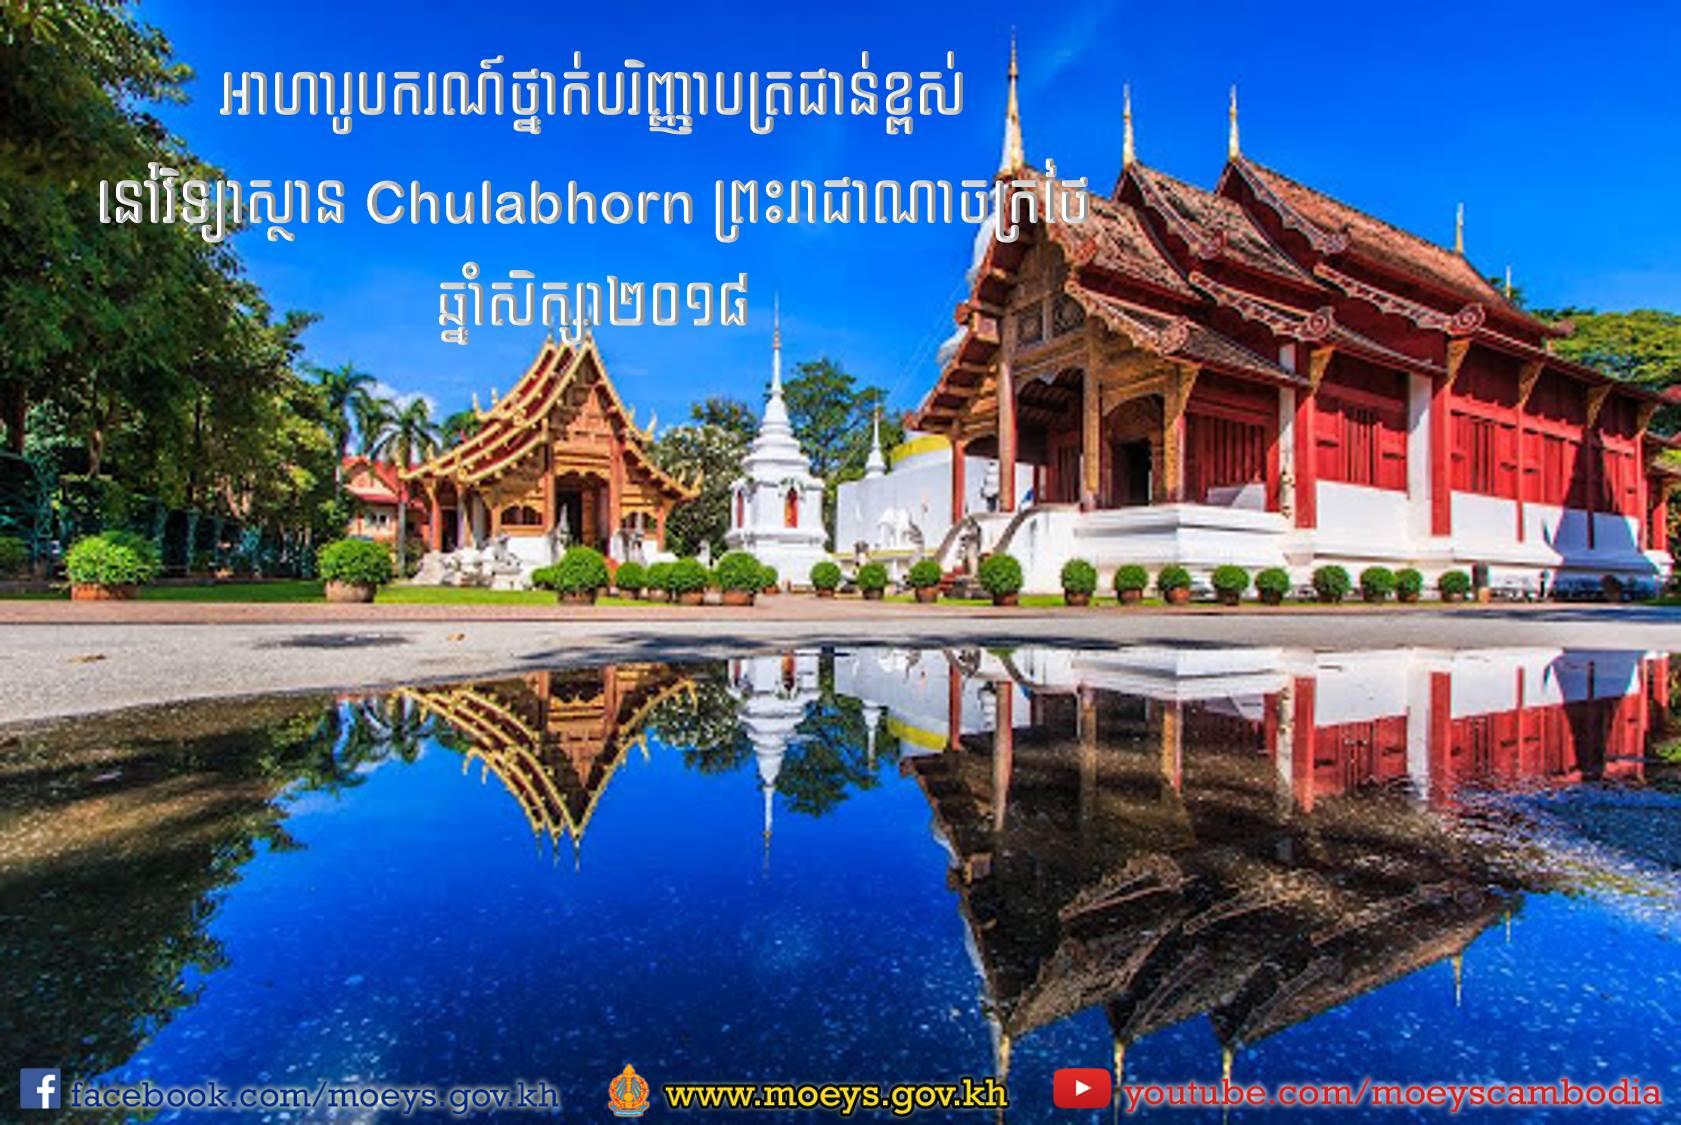 អាហារូបករណ៍ថ្នាក់បរិញ្ញាបត្រជាន់ខ្ពស់នៅវិទ្យាស្ថាន Chulabhorn របស់ព្រះរាជាណាចក្រថៃ